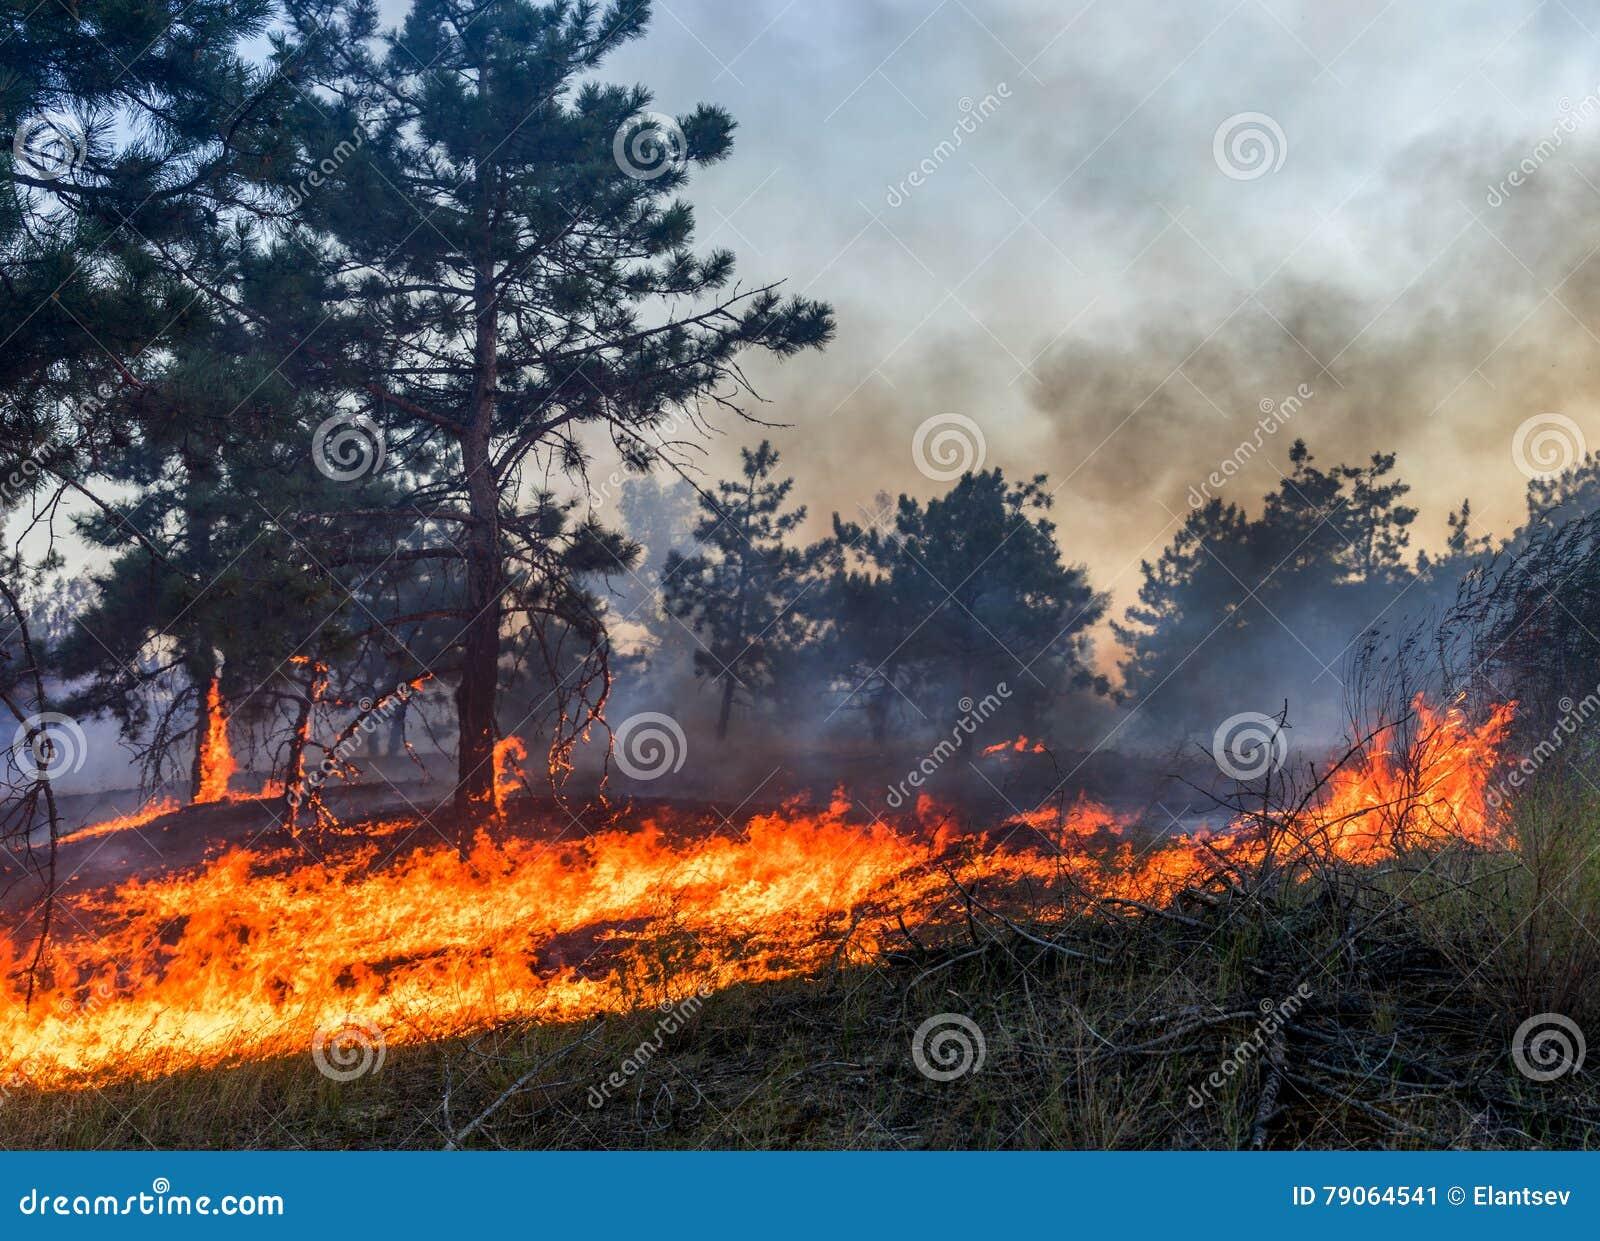 Forest Fire Árboles Quemados Después Del Incendio Fuera De Control ...